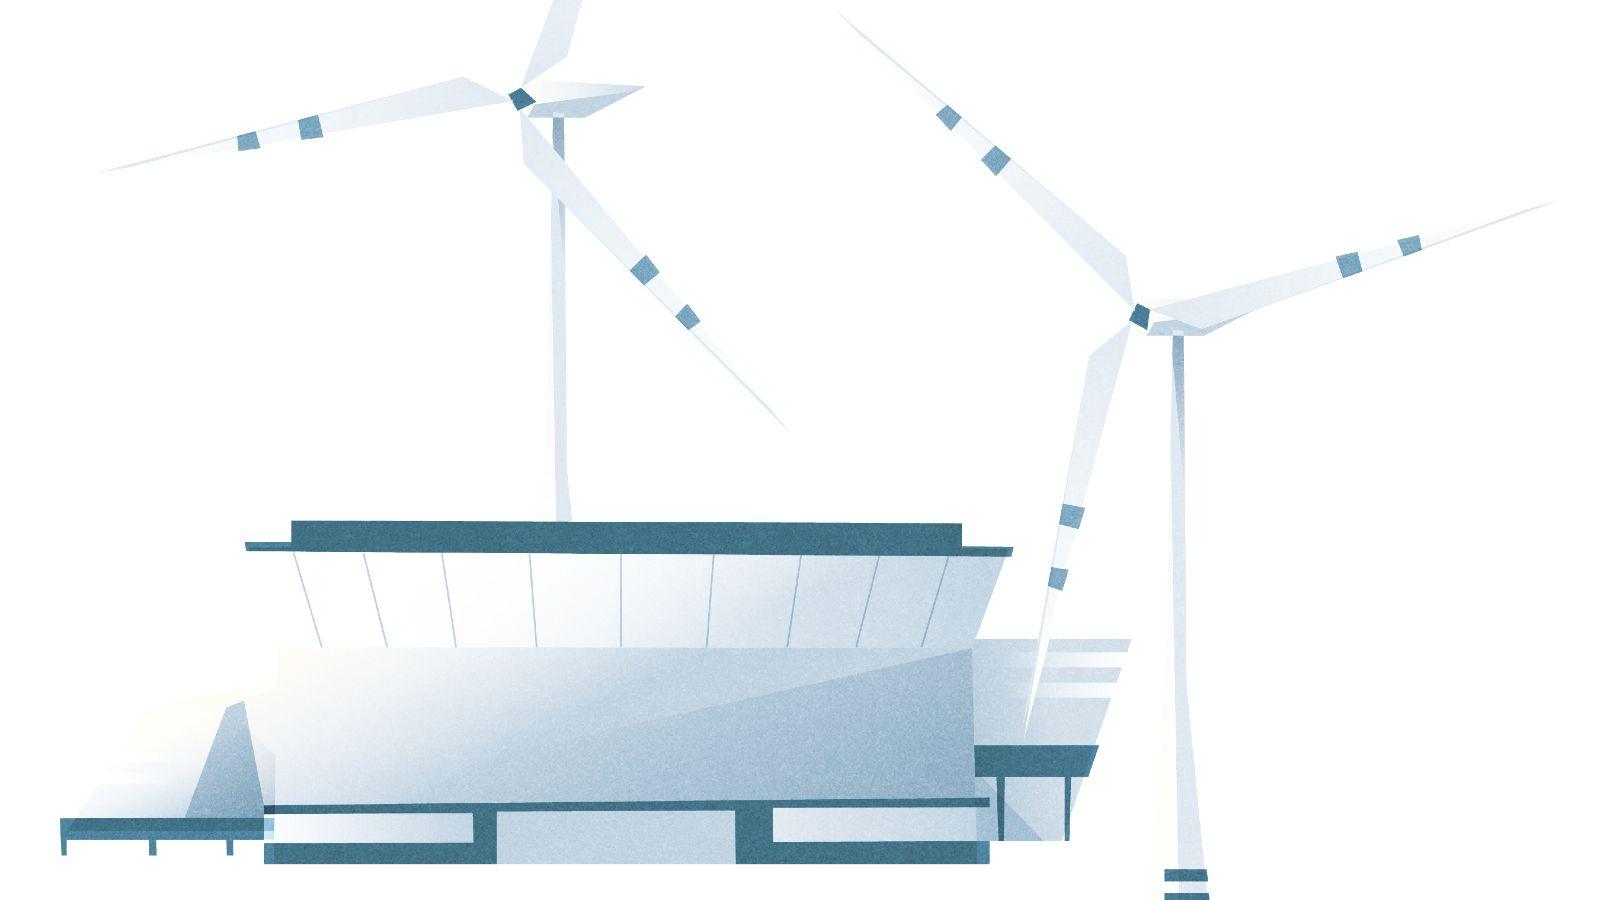 Das Bild zeigt einen Wasser-Elektrolyseur umgeben von zwei Windrädern.